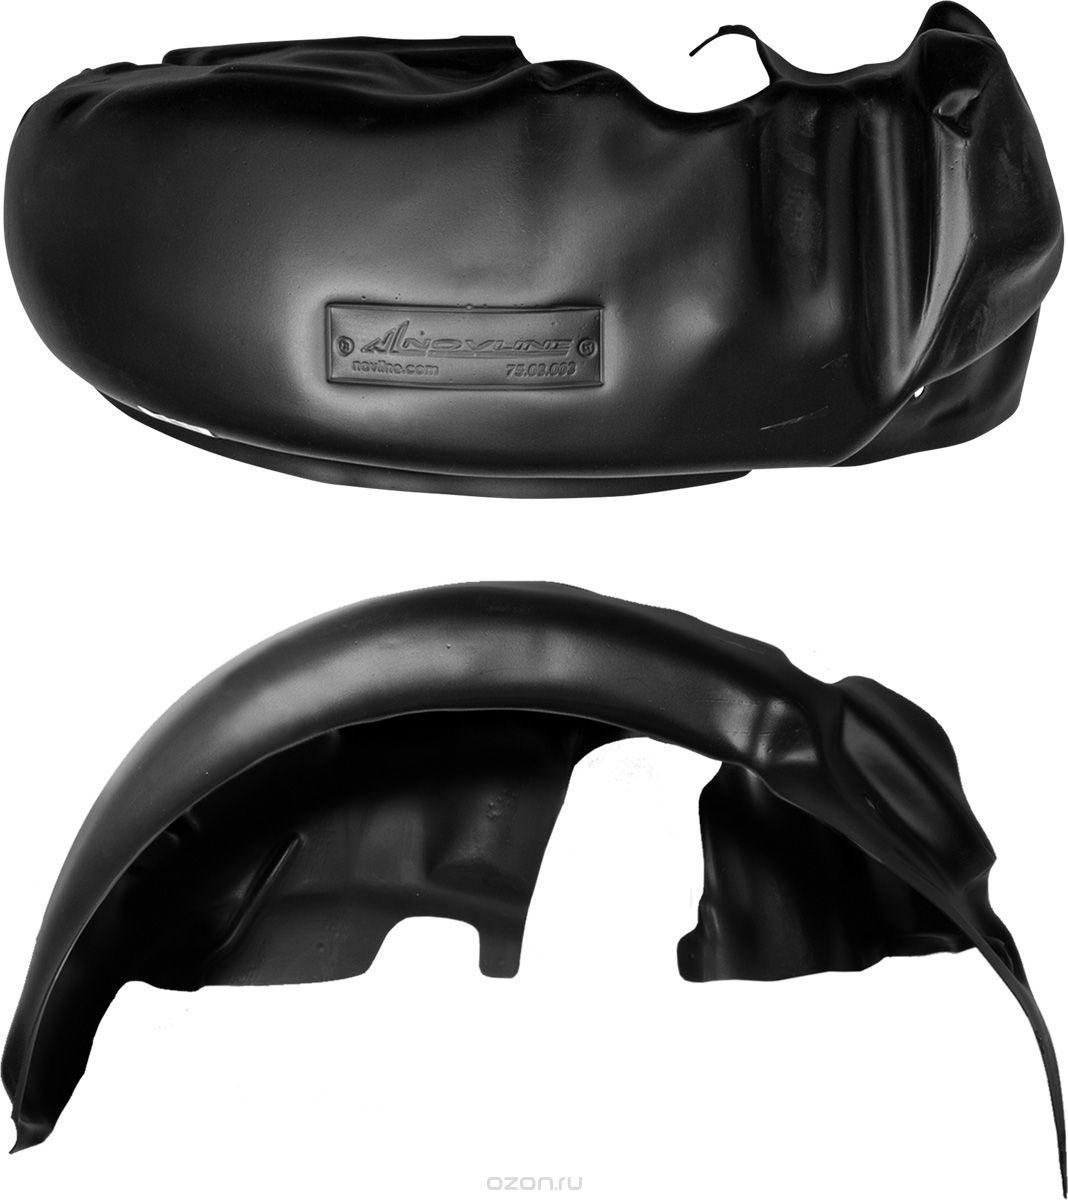 Подкрылок Novline-Autofamily, для Lada Kalina 2, 2013 ->, передний правыйNLL.52.27.002Идеальная защита колесной ниши. Локеры разработаны с применением цифровых технологий, гарантируют максимальную повторяемость поверхности арки. Изделия устанавливаются без нарушения лакокрасочного покрытия автомобиля, каждый подкрылок комплектуется крепежом. Уважаемые клиенты, обращаем ваше внимание, что фотографии на подкрылки универсальные и не отражают реальную форму изделия. При этом само изделие идет точно под размер указанного автомобиля.